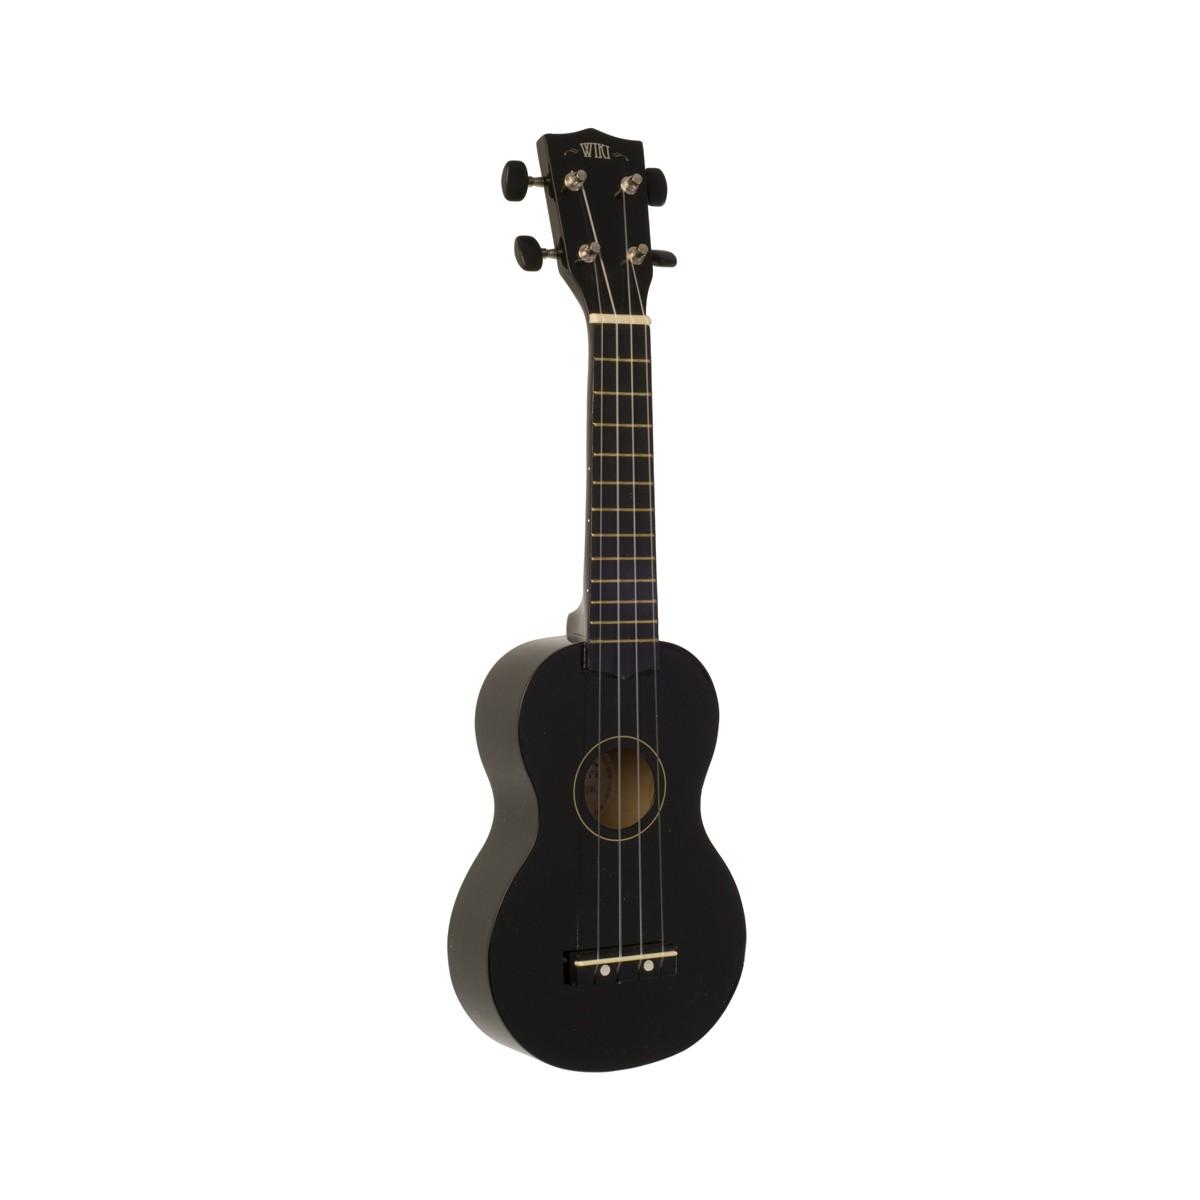 Bk ukulele gloss